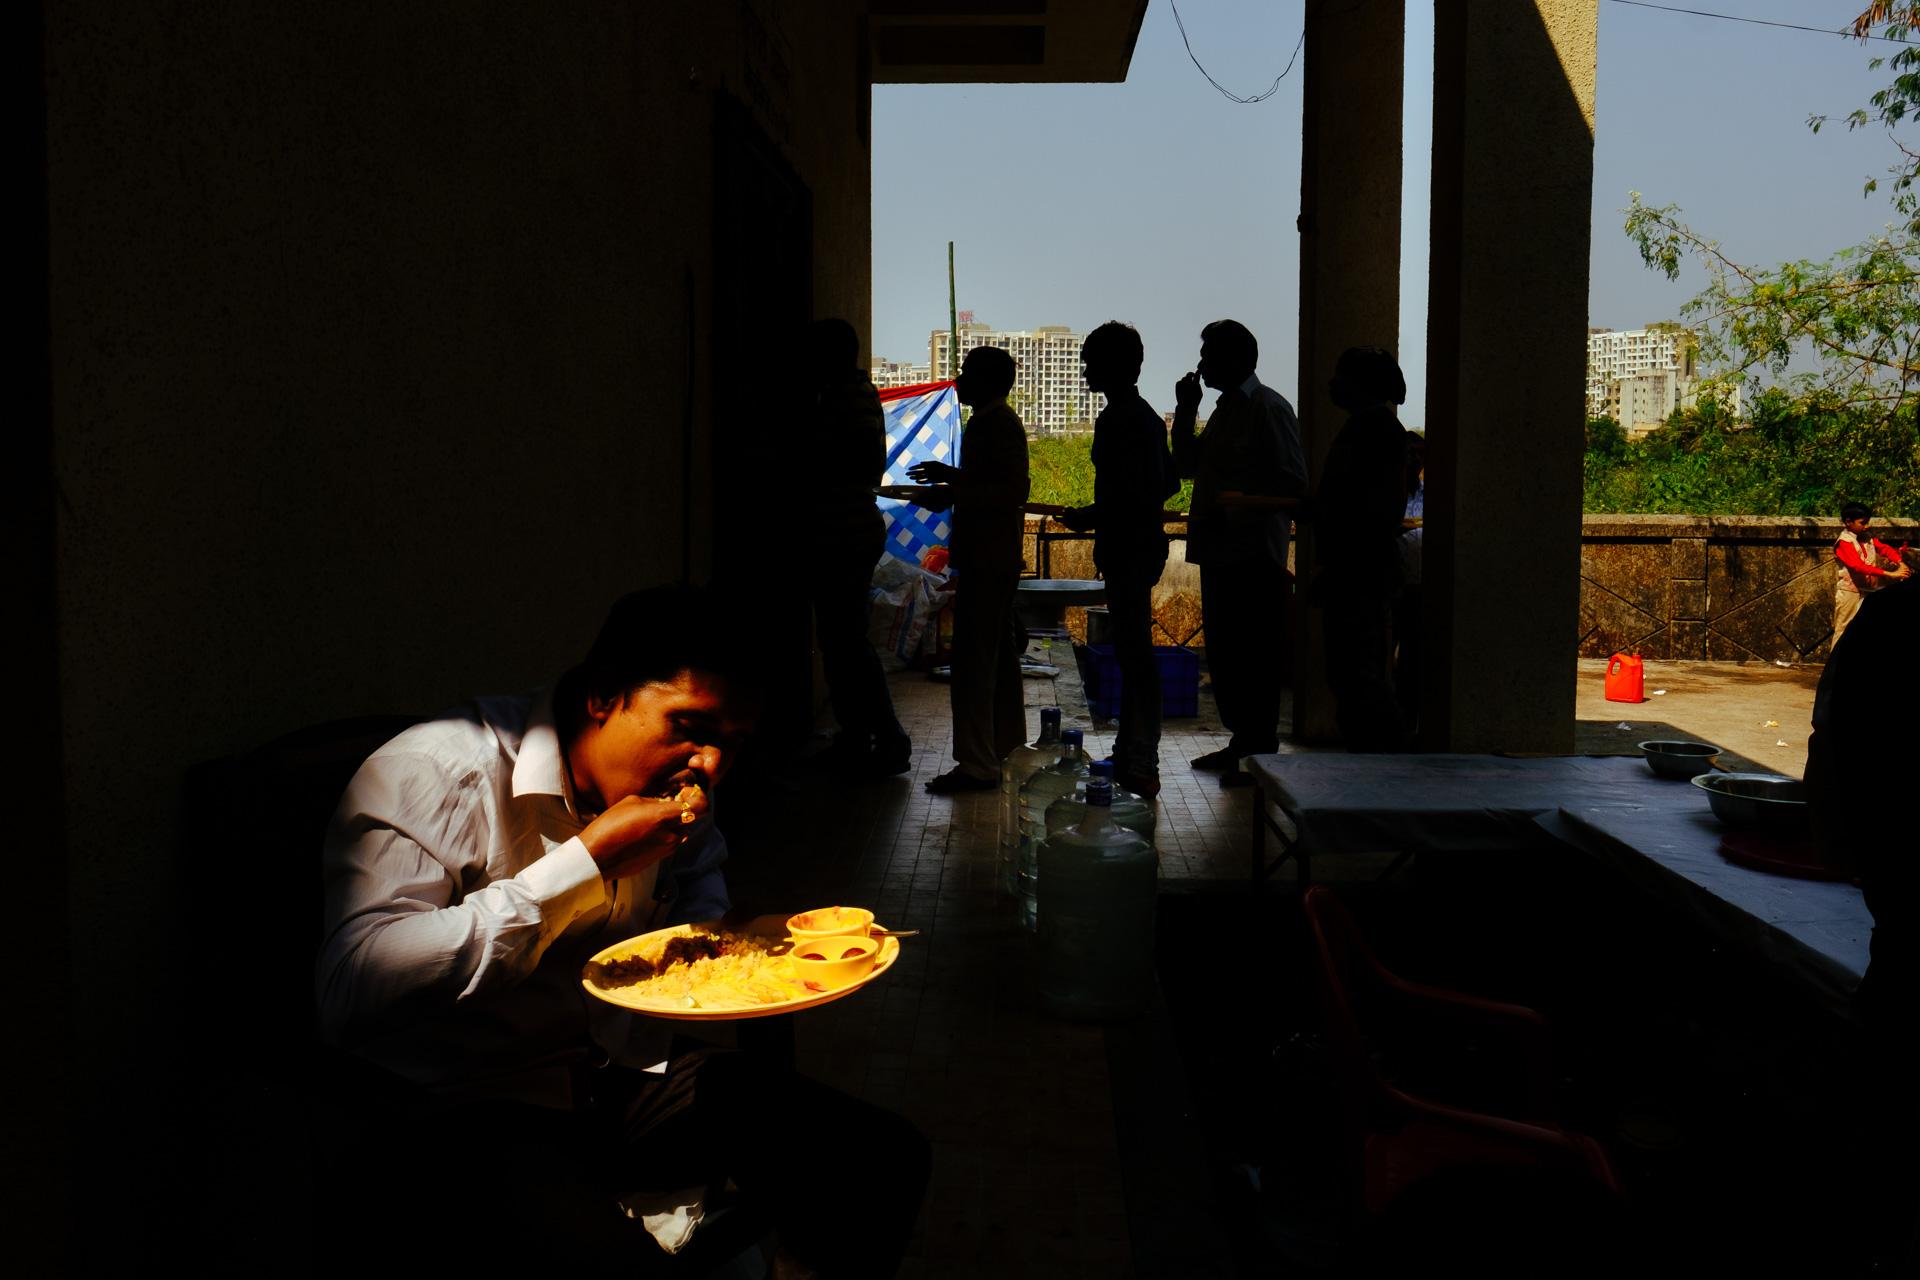 wedding_in_mumbai-73.jpg